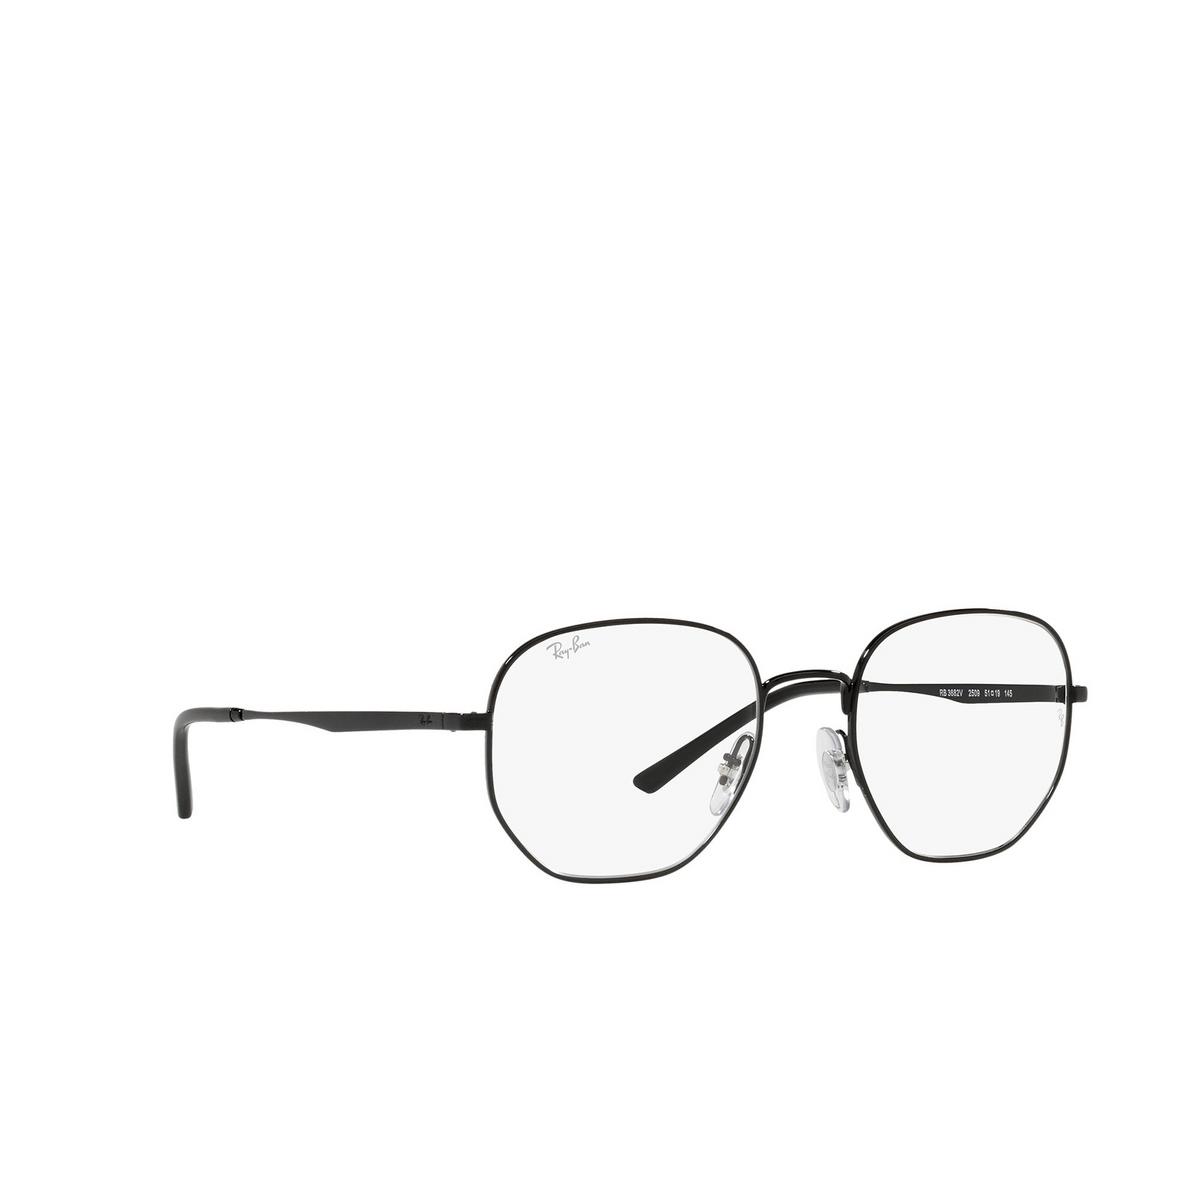 Ray-Ban® Irregular Eyeglasses: RX3682V color Black 2509 - three-quarters view.